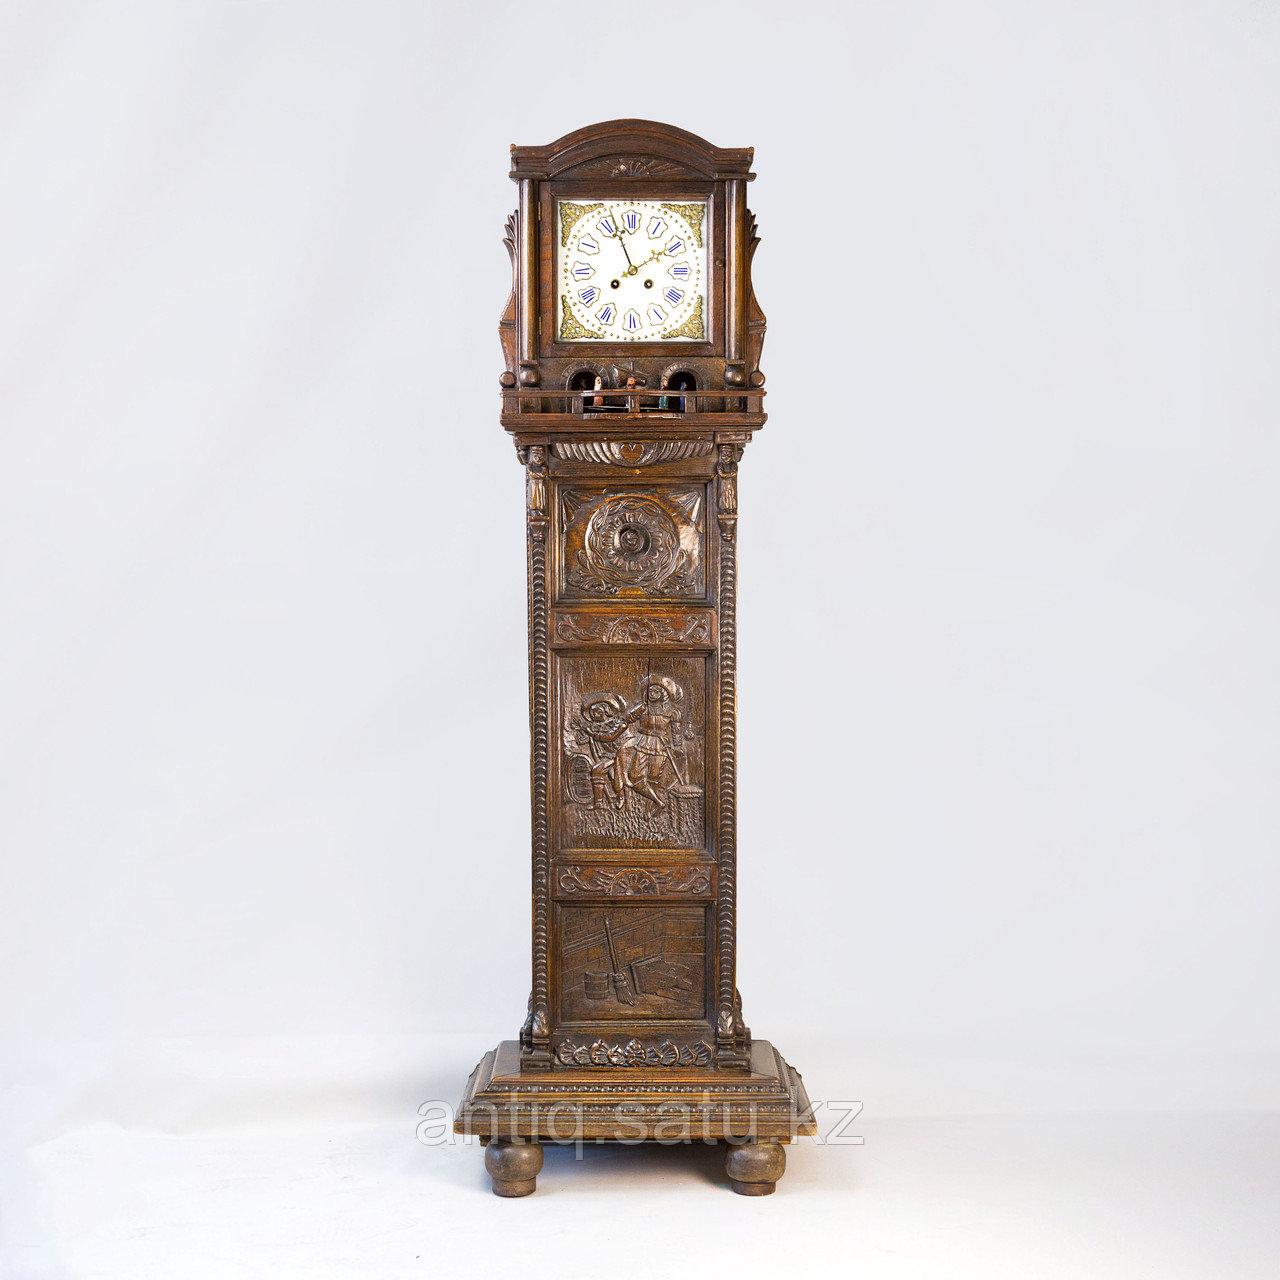 Напольные часы с каруселью. - фото 2